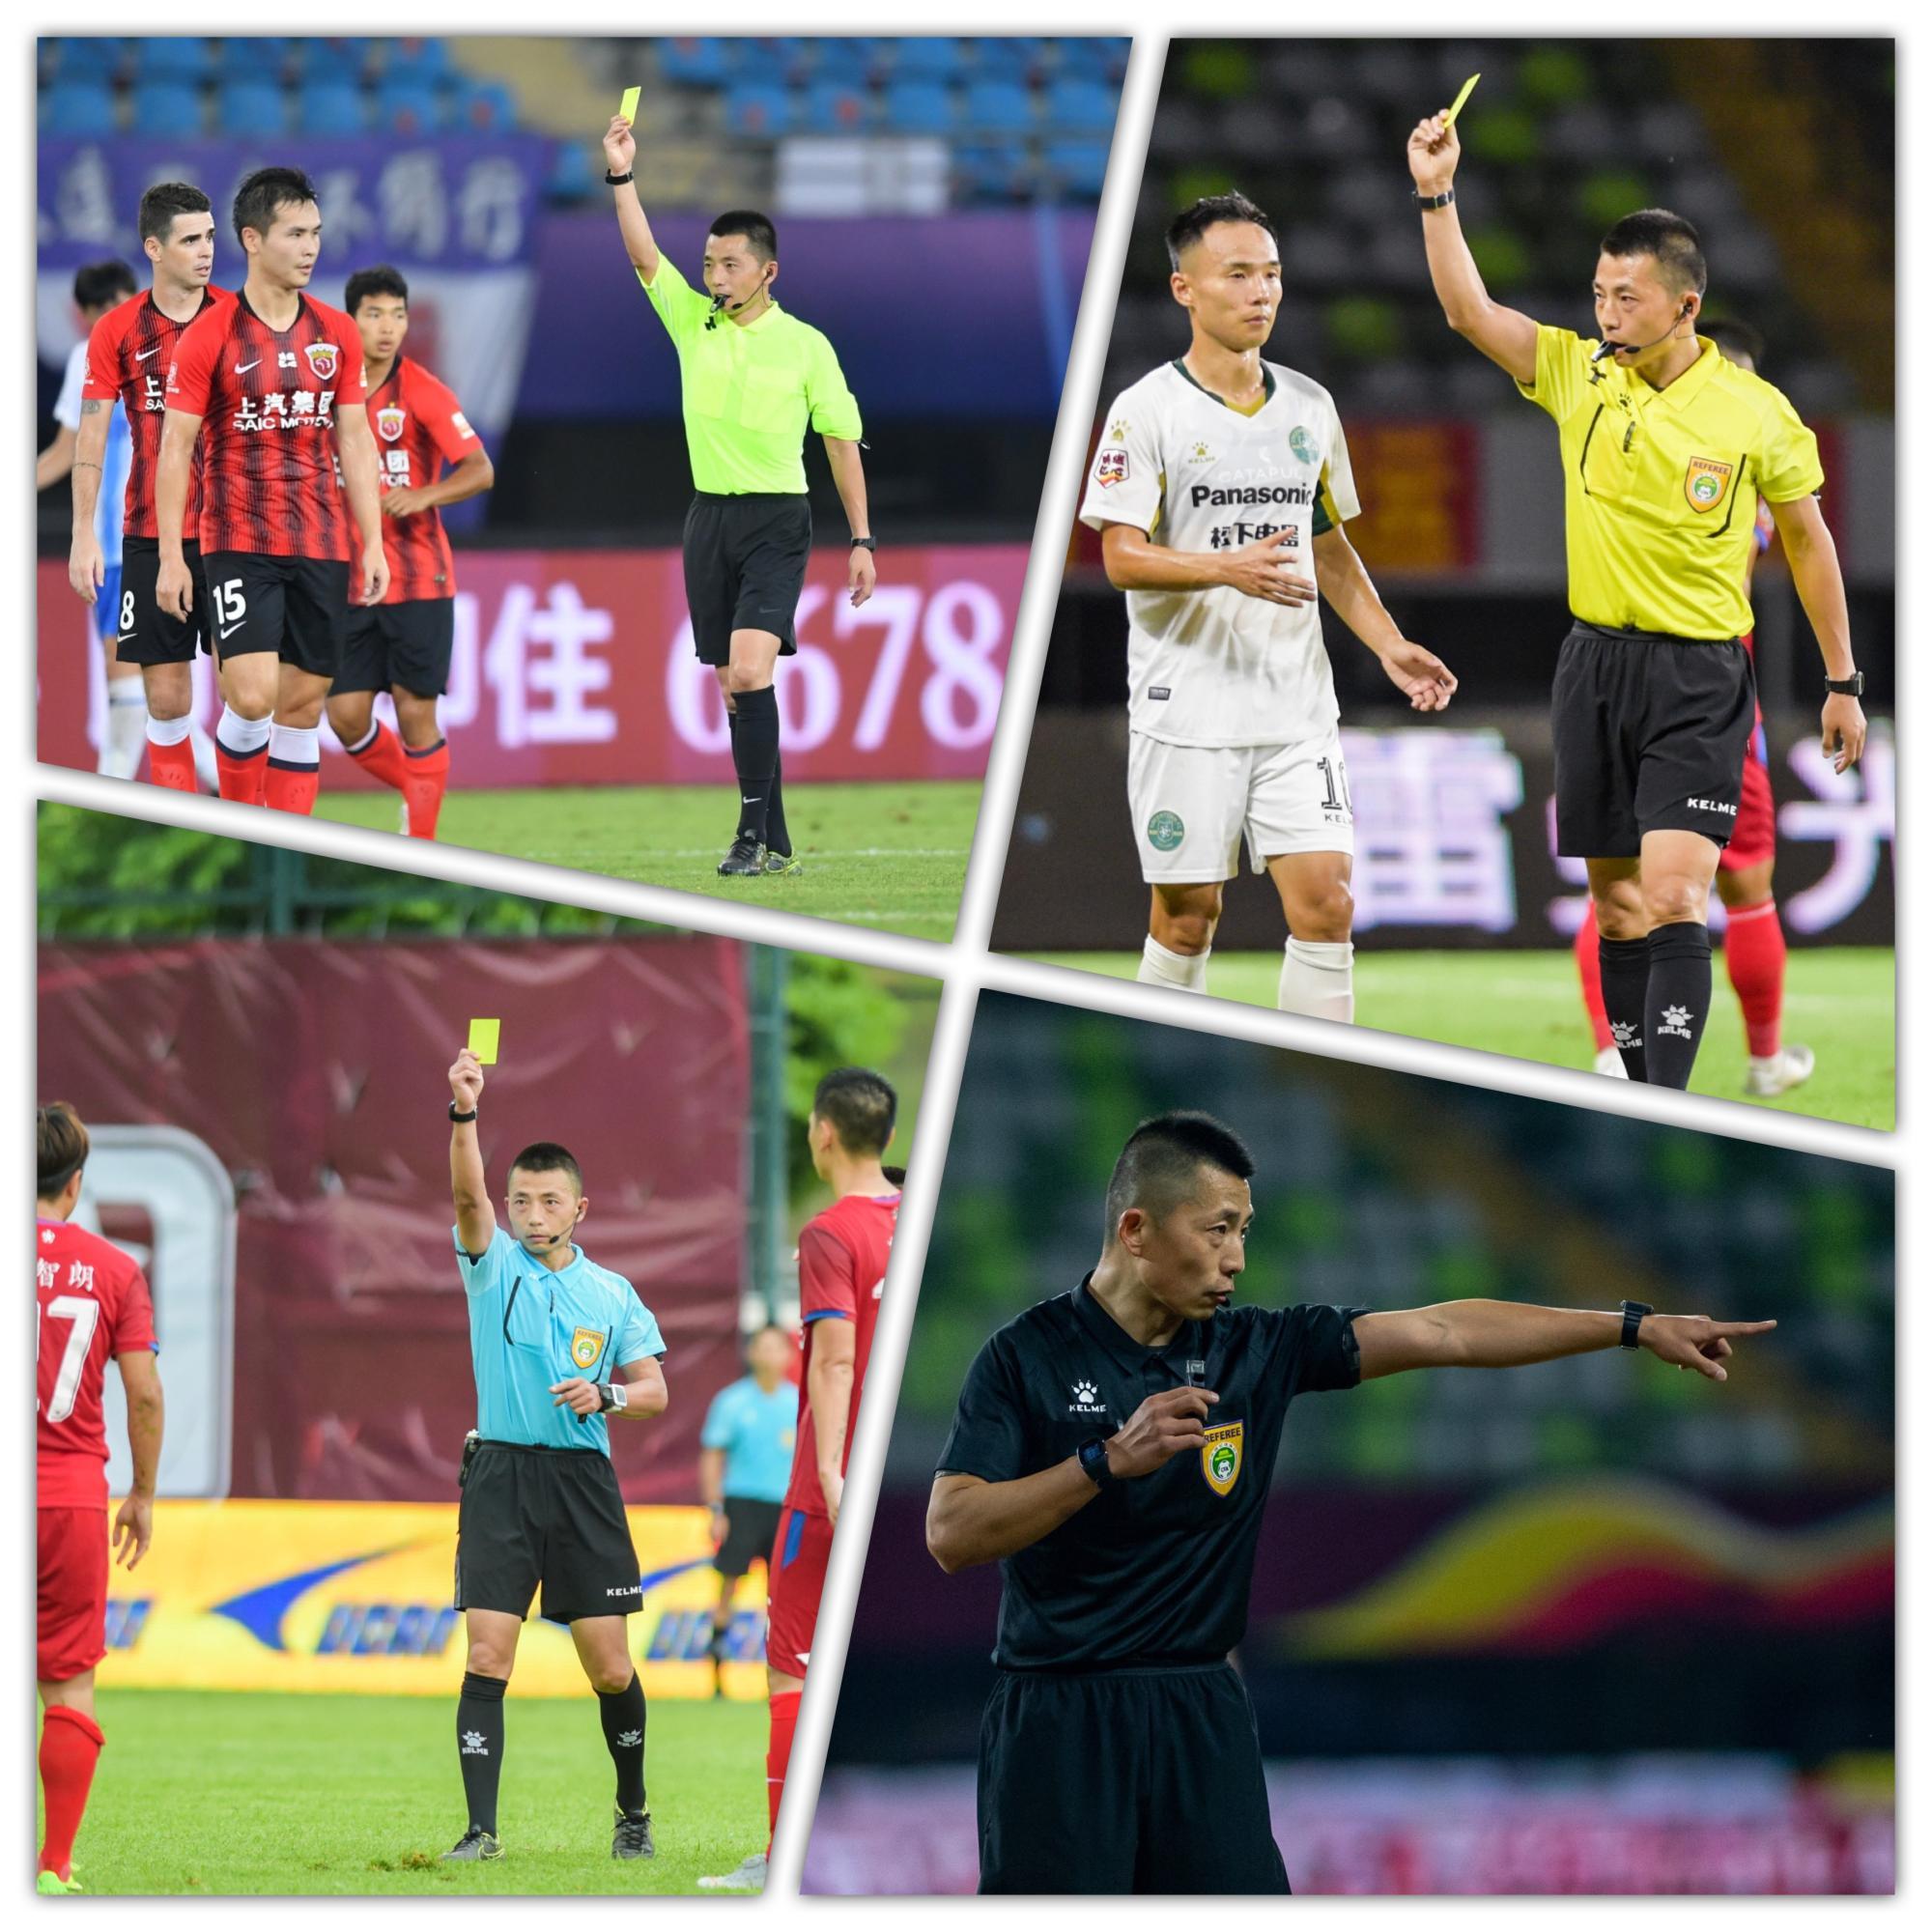 西安电子科技大学体育部教师张龙执裁中超联赛